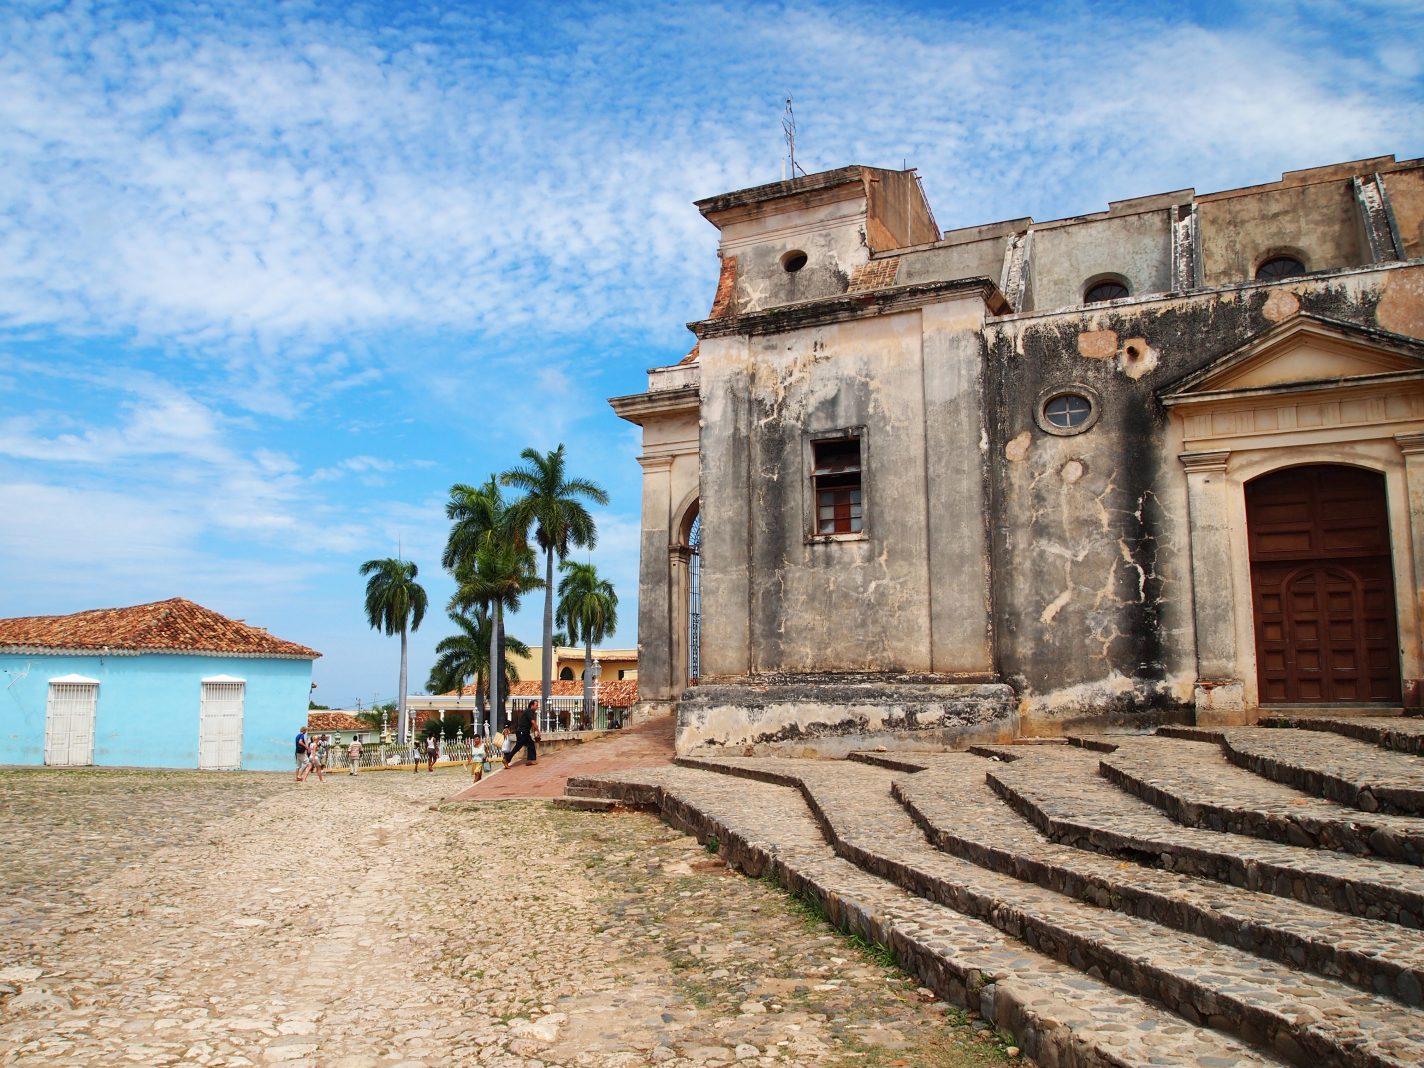 Sfeervideo Cuba - Liefde Voor Reizen